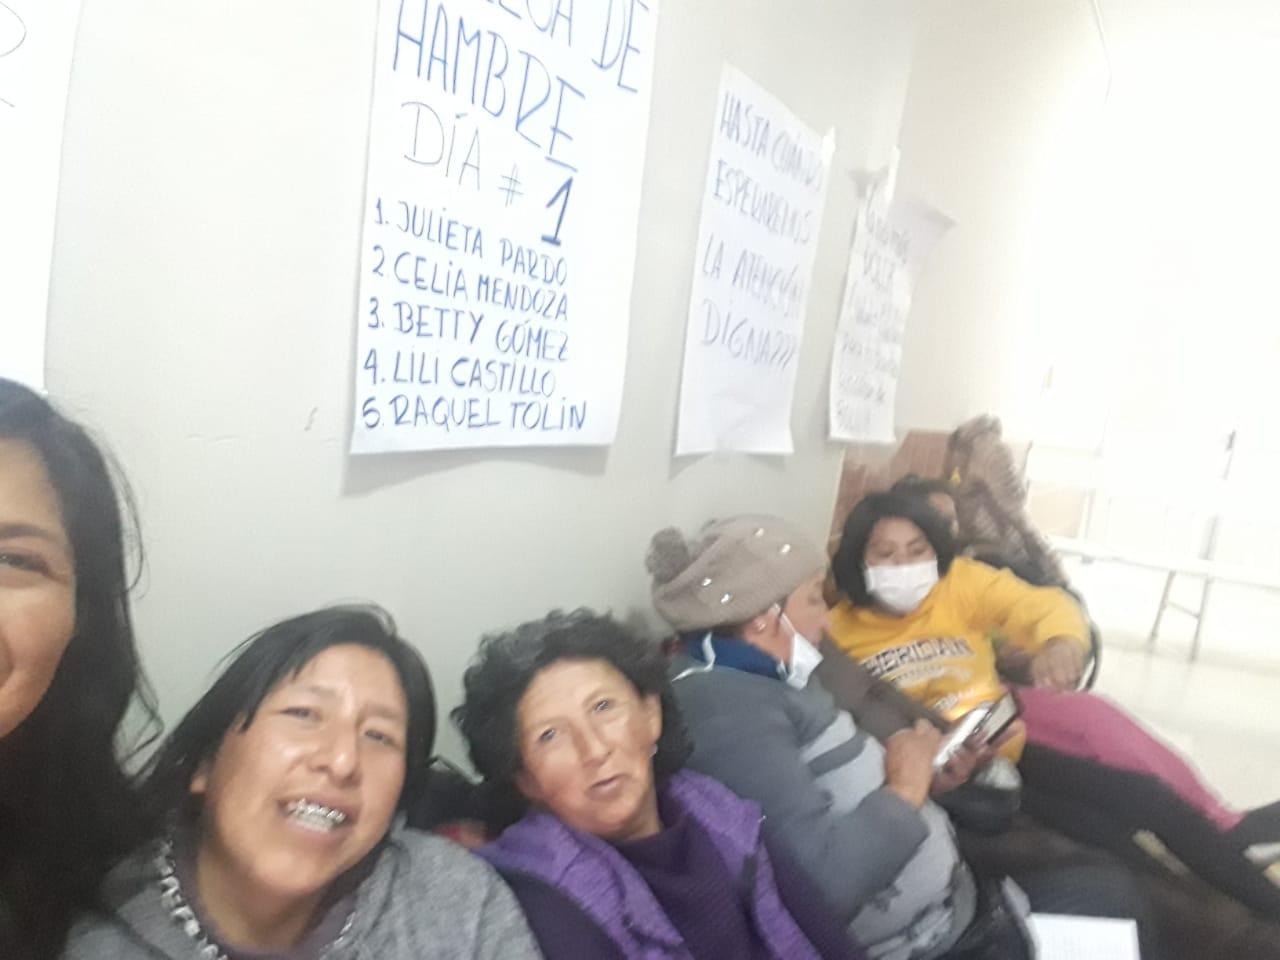 Pacientes con cáncer instalan huelga de hambre indefinida en el Hospital de Clínicas hasta reunirse con Morales